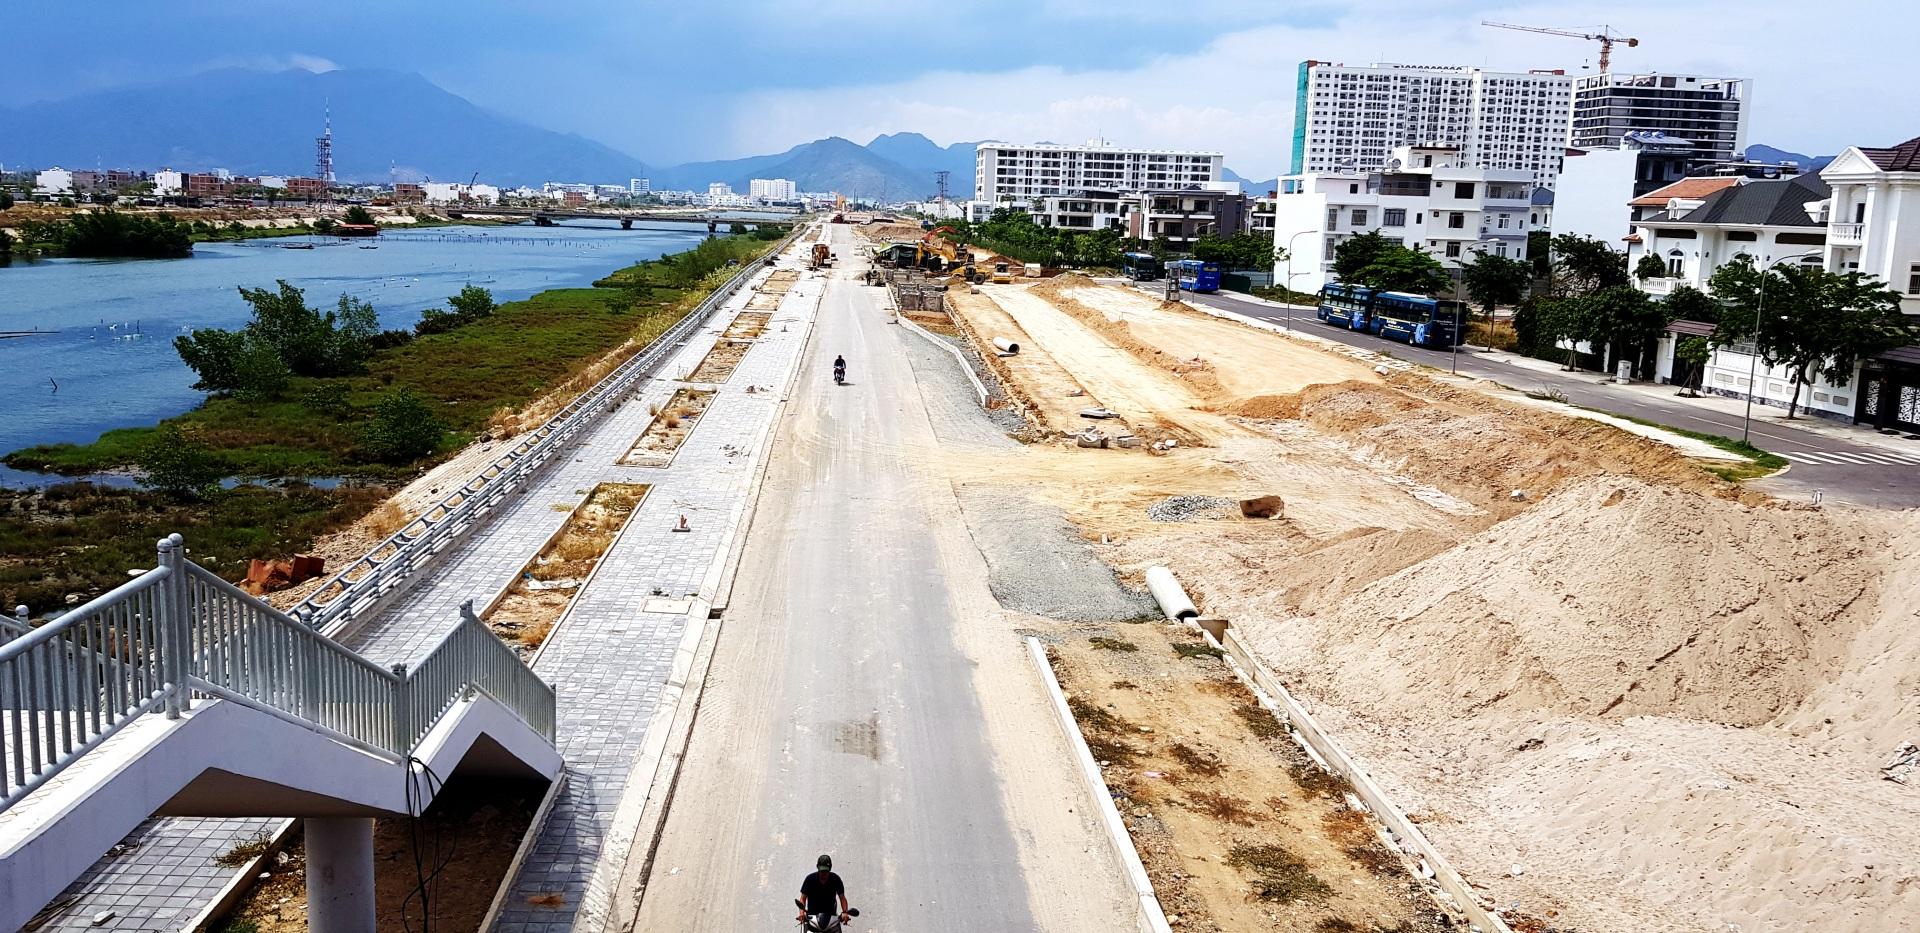 Nha Trang - Khánh Hòa: Nhiều vấn đề được đặt ra với công tác quản lý